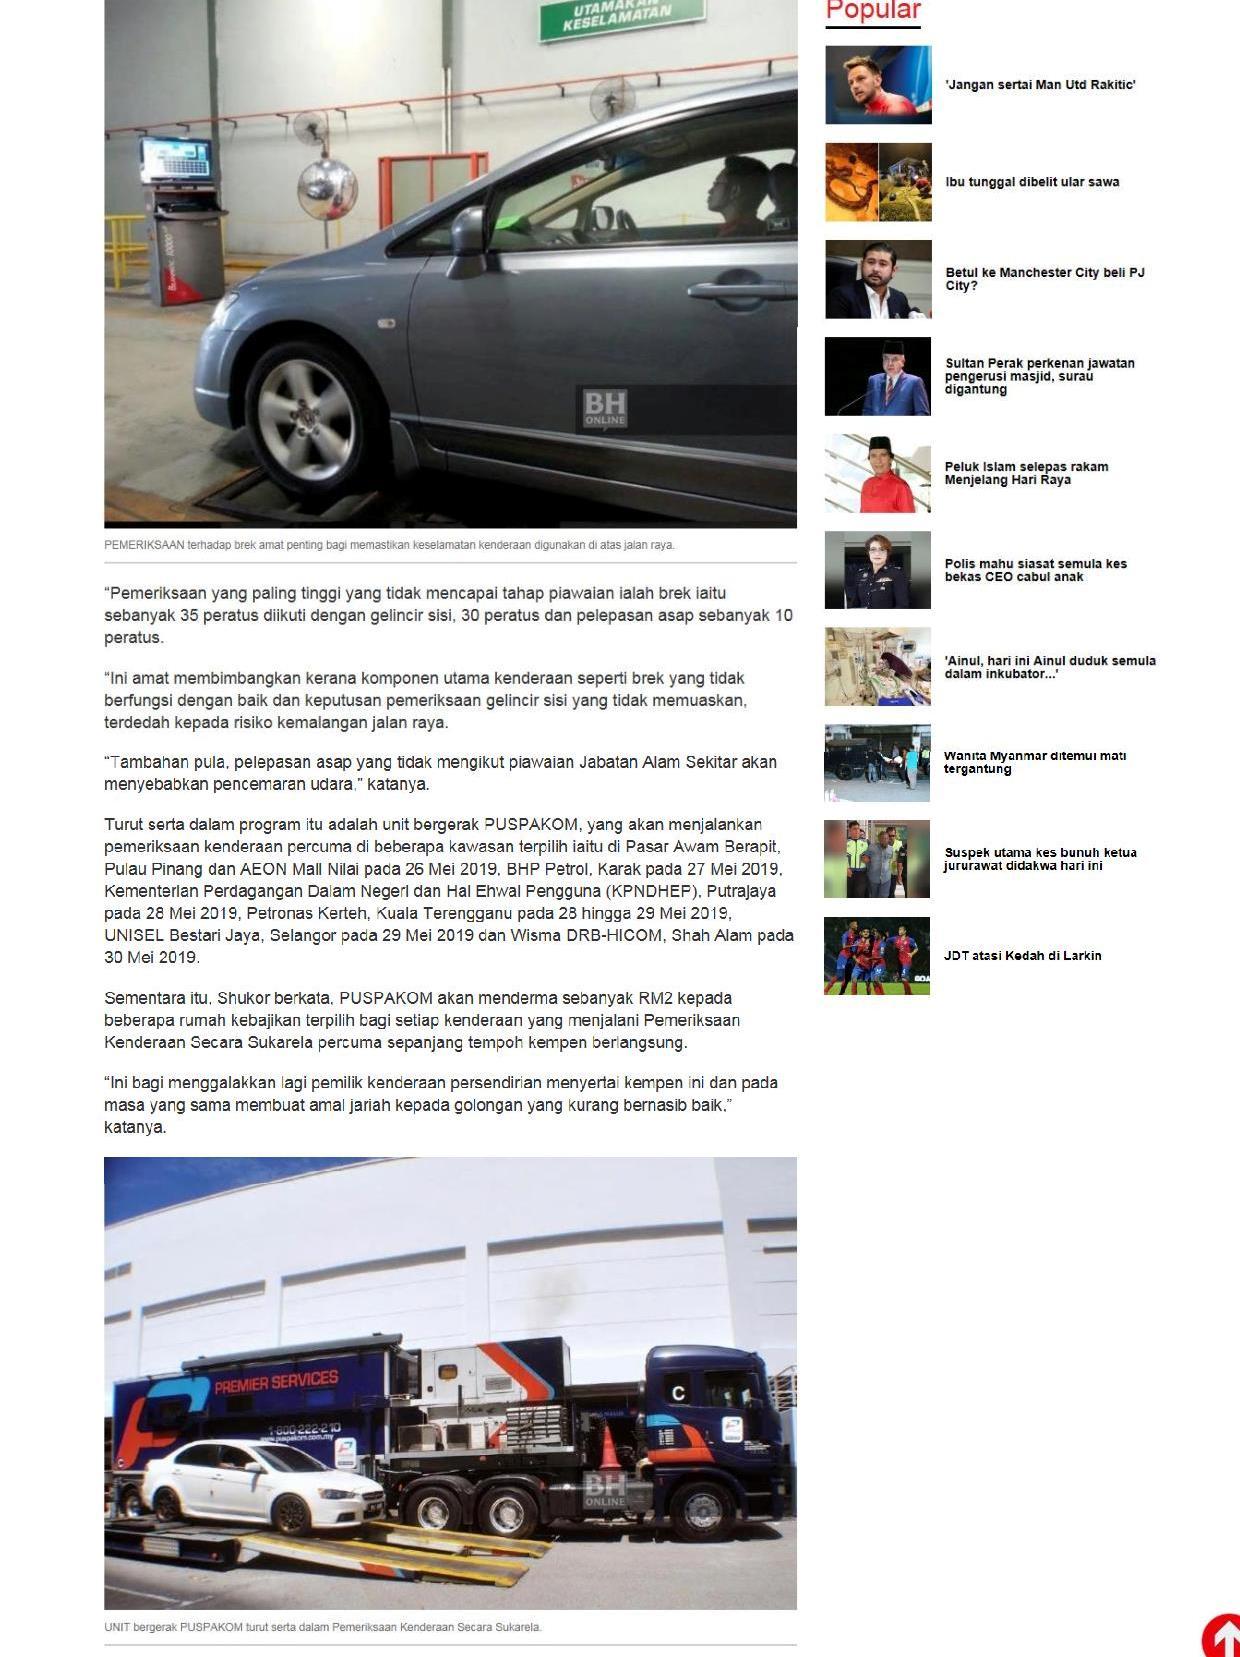 Berita Harian.com_25.5_Pemeriksaan kenderaan secara sukarela percuma sempena Aidilfitri 2-3